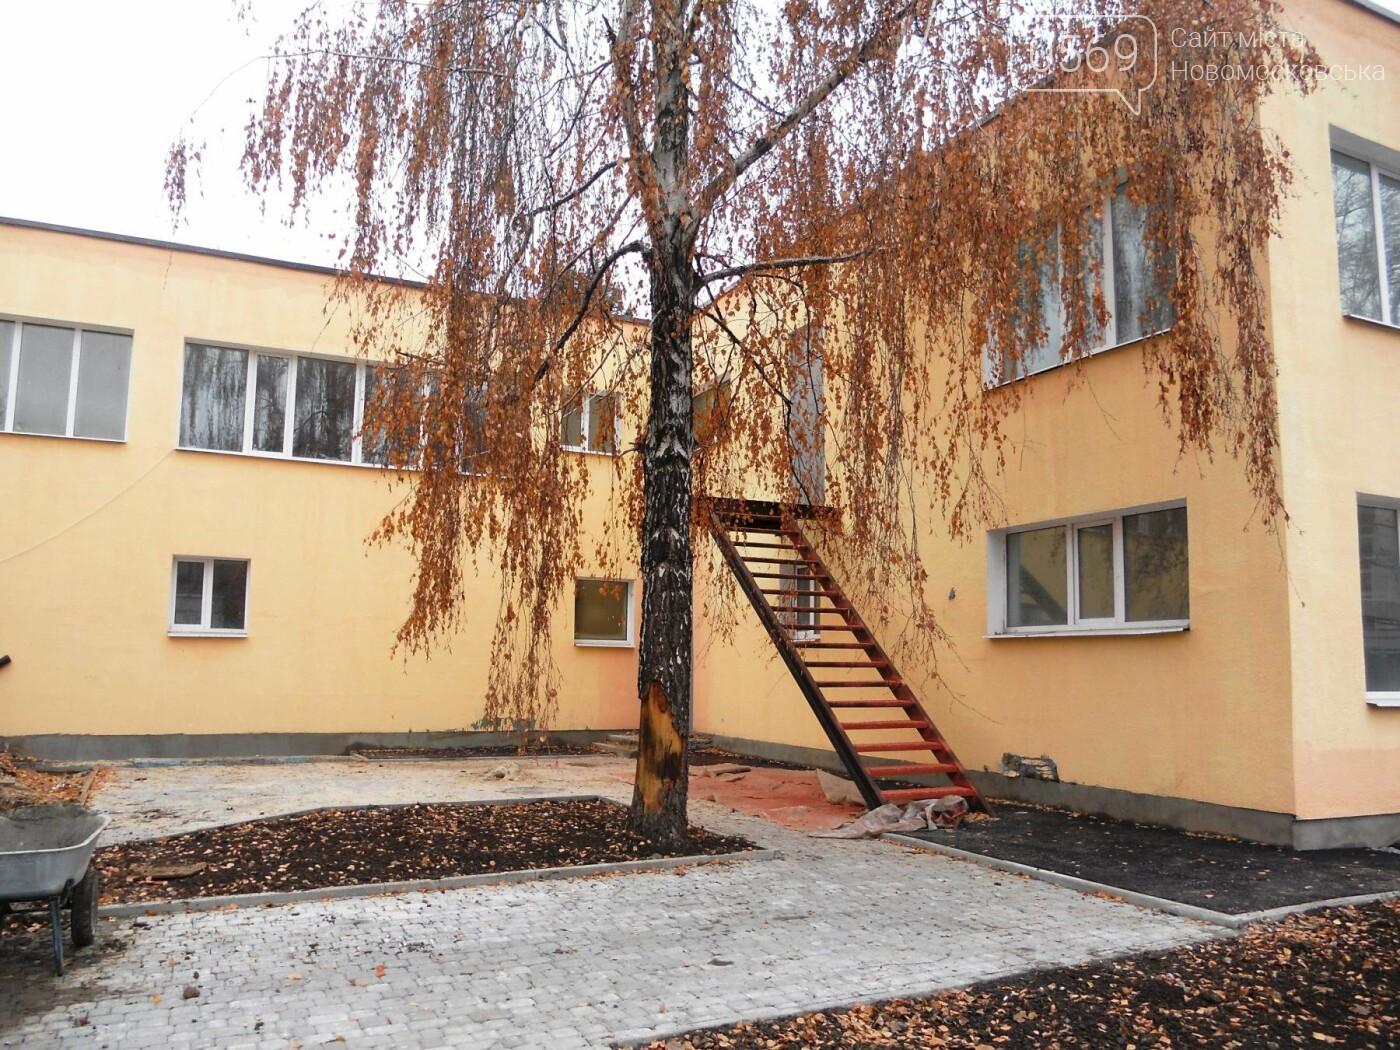 Детсад «Чебурашка» в Новомосковске: реконструкция завершается, а крыша течет, фото-17